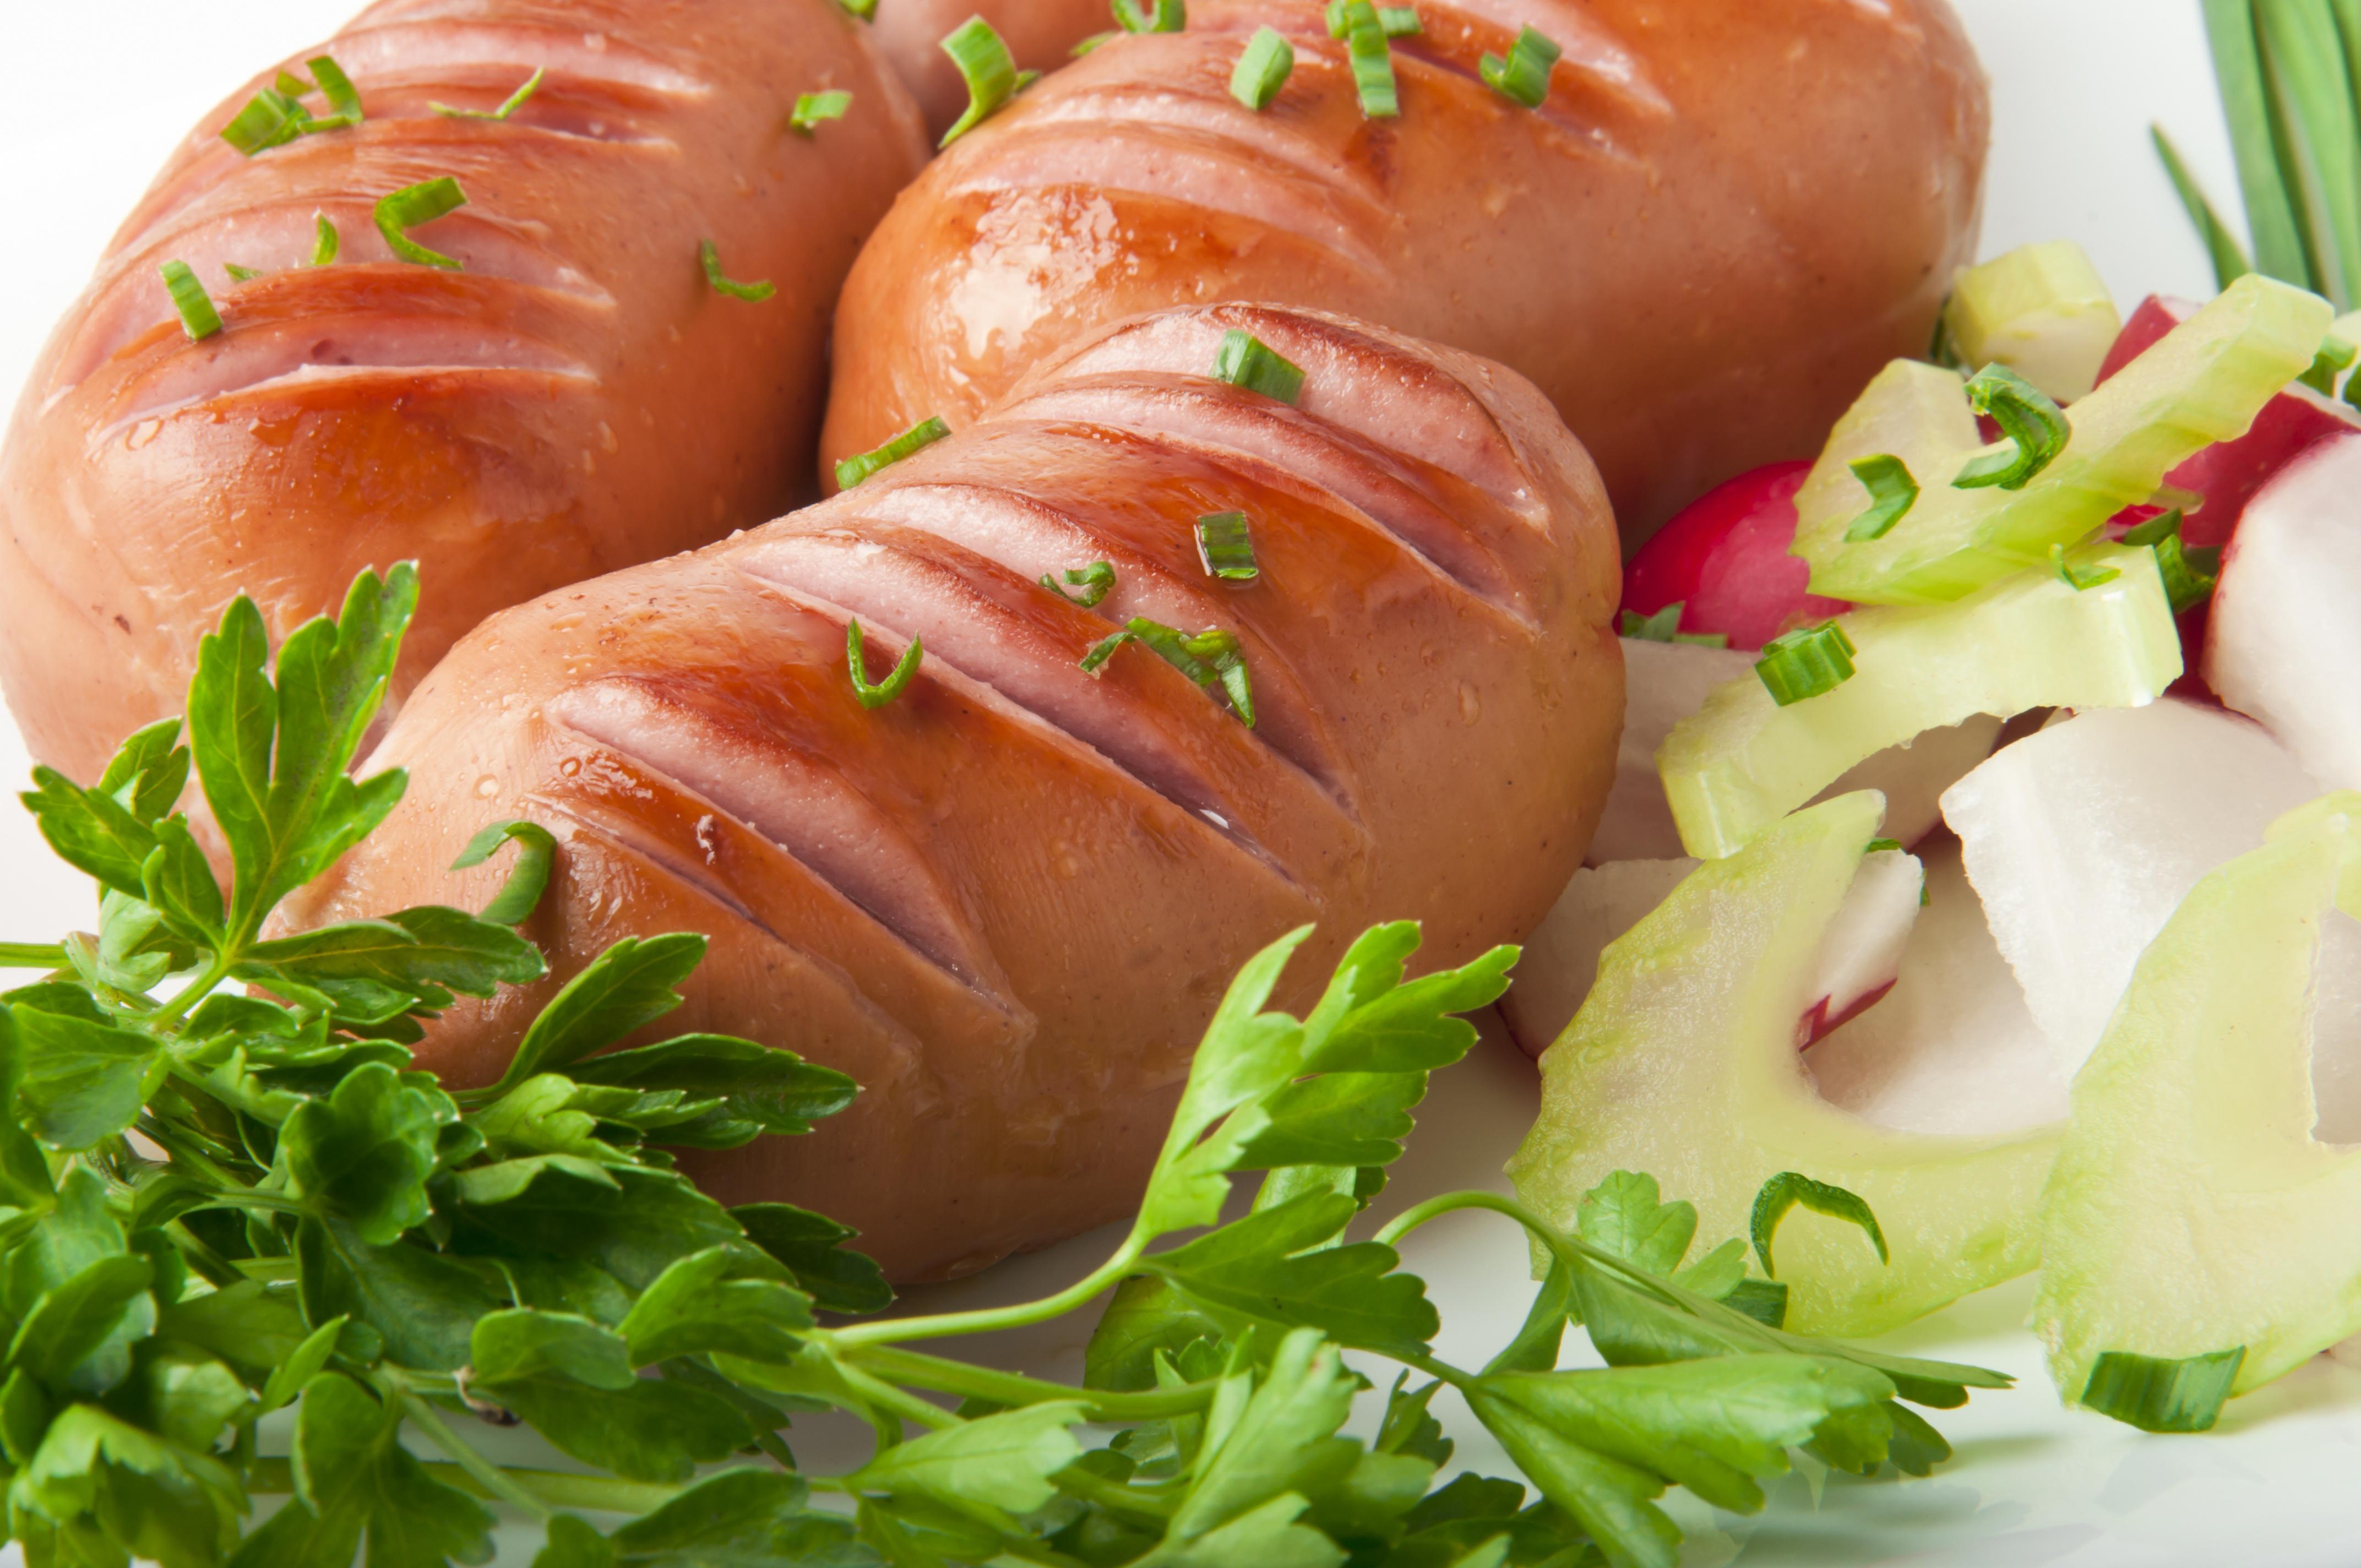 еда колбаса сосиски мясо салат  № 2121853 без смс